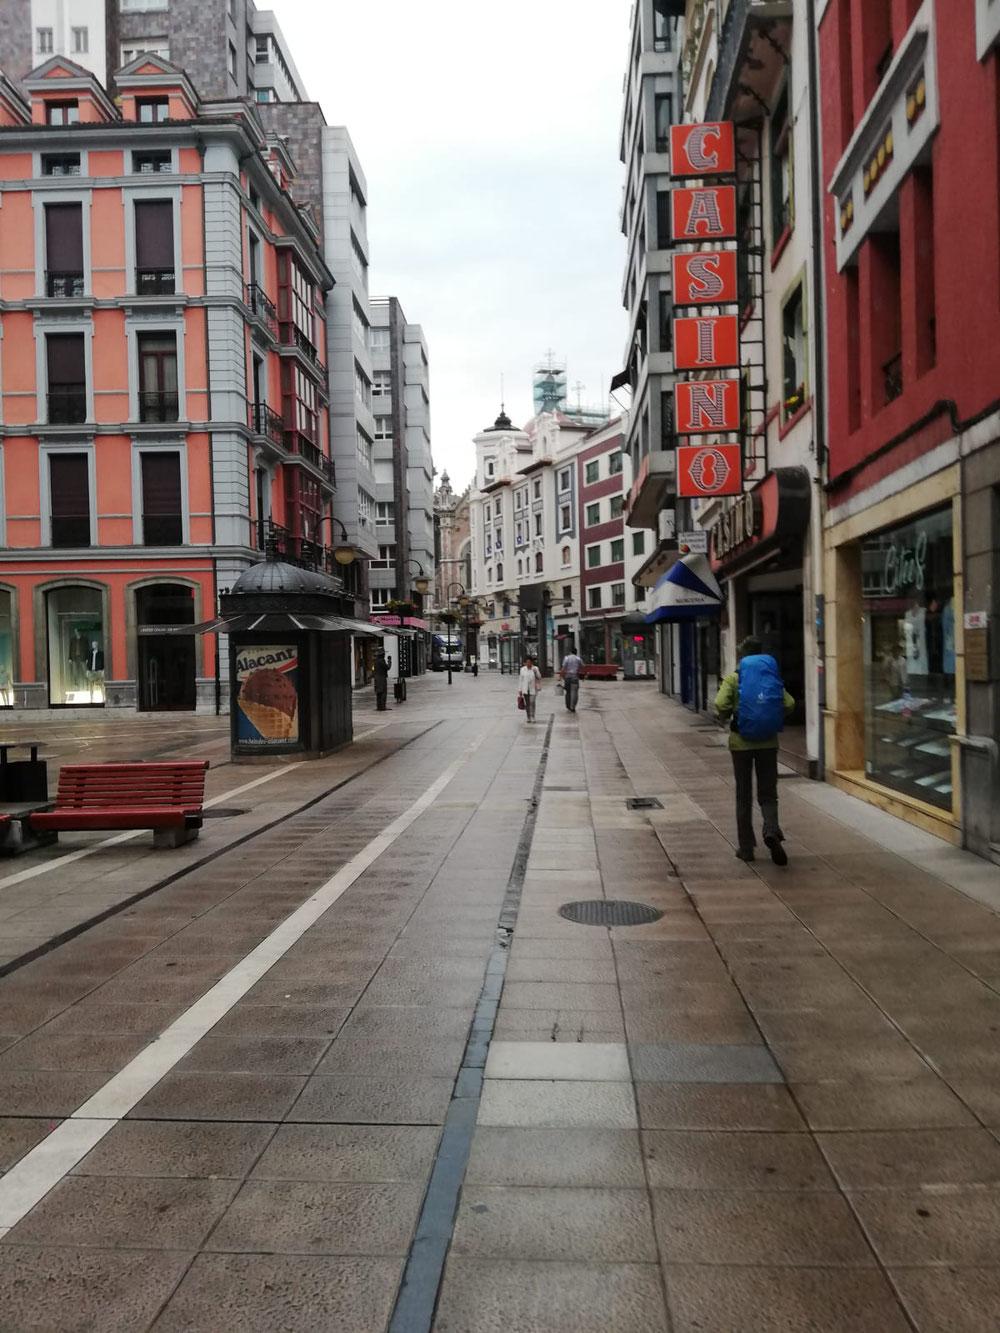 Oviedo 7 Uhr Regen wir glauben es nicht